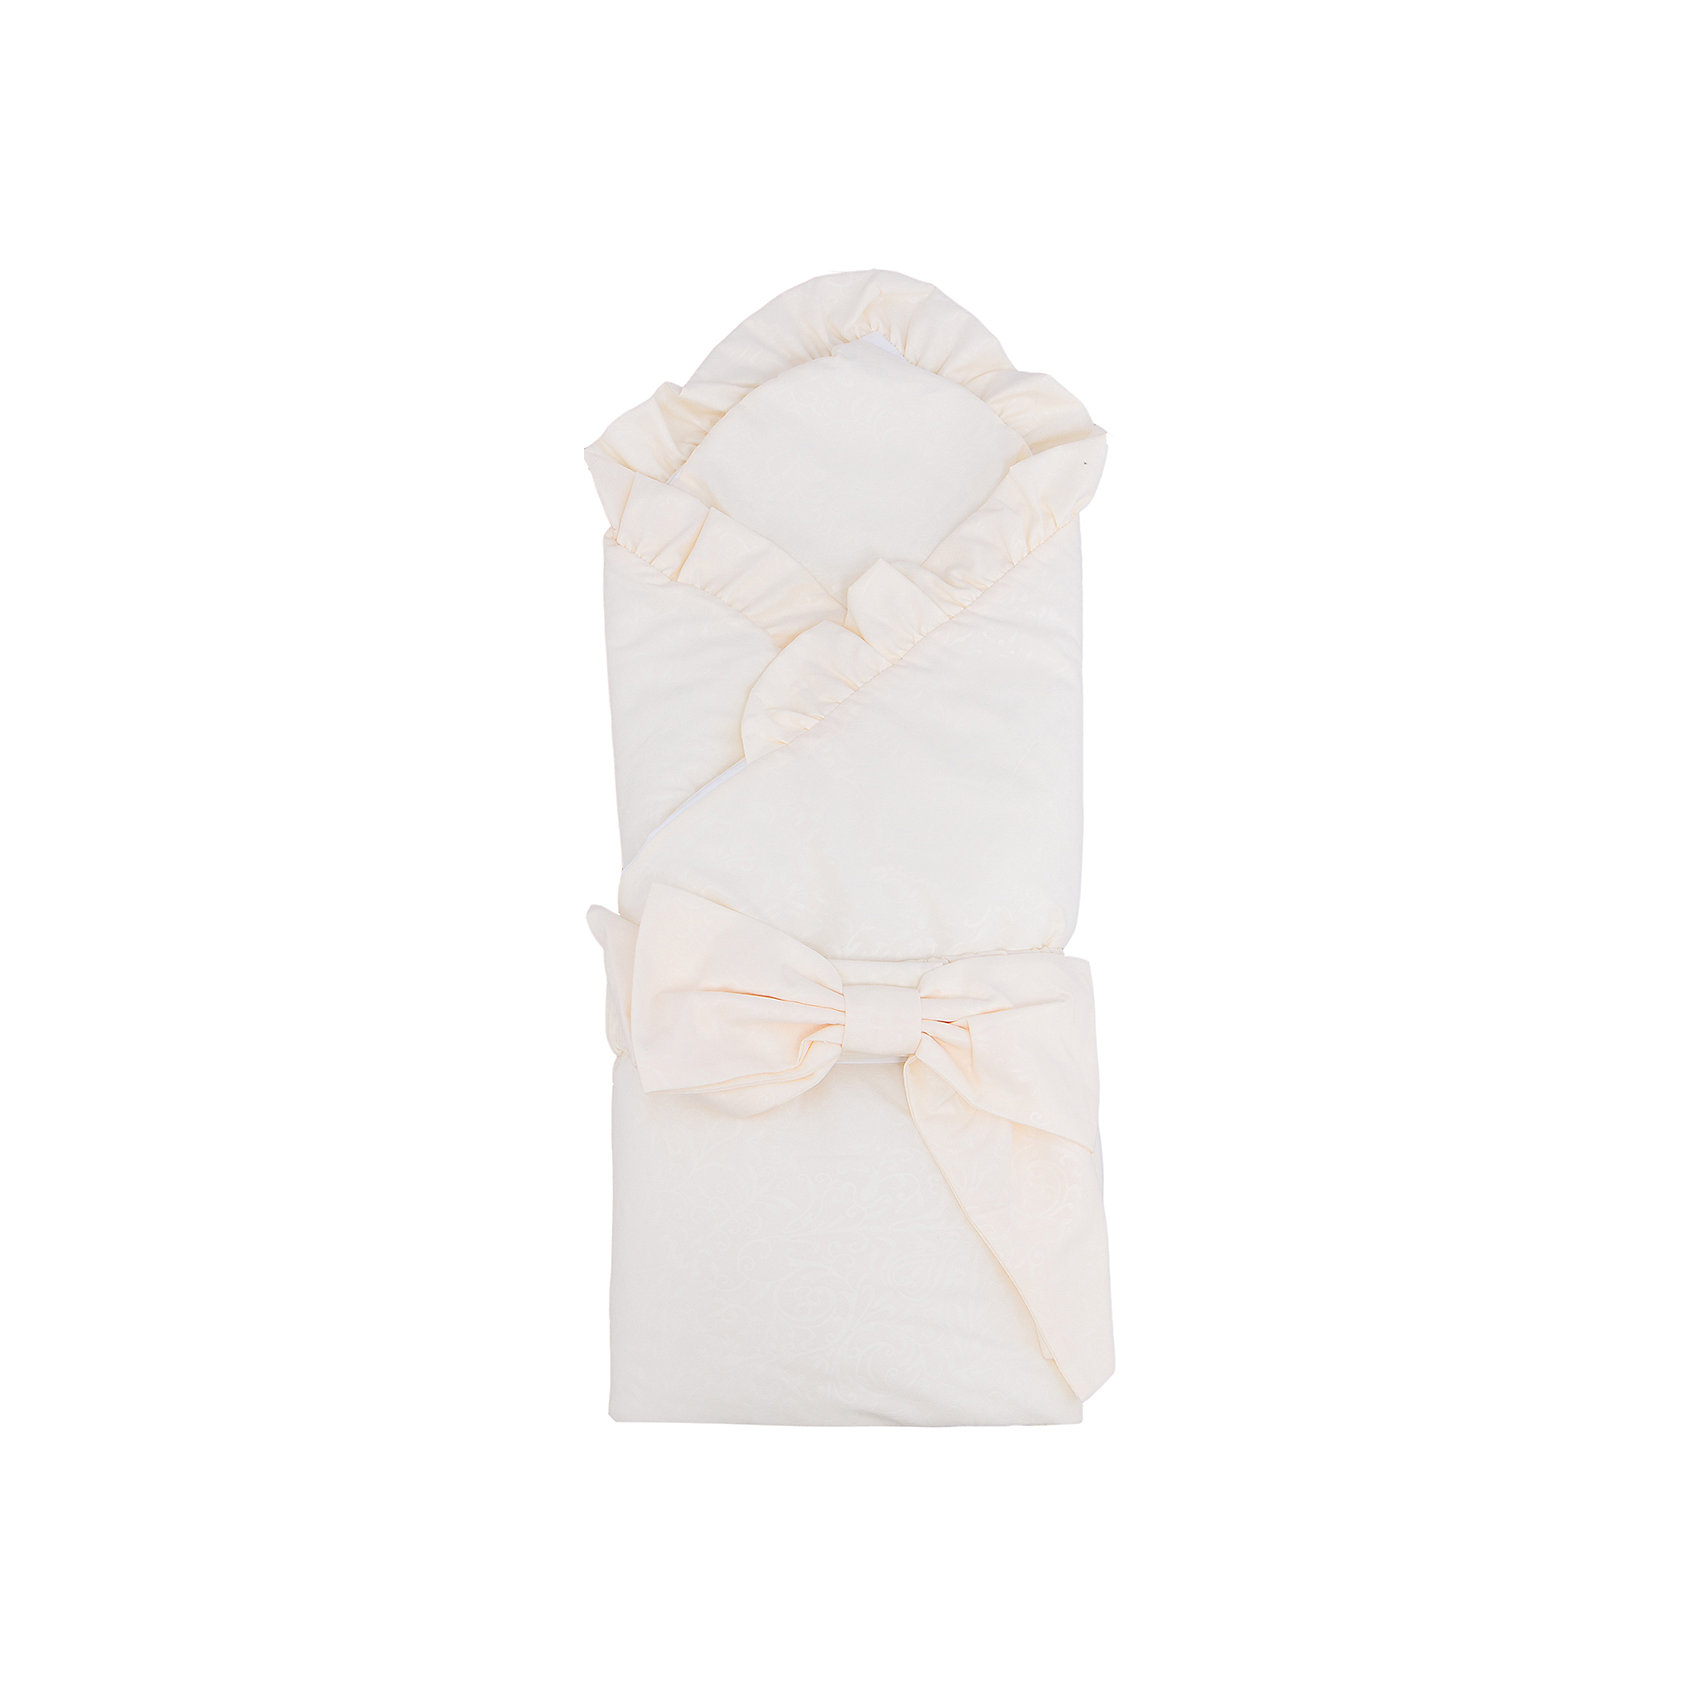 Одеяло-конверт, Сонный гномик, ванильОдеяло-конверт, Сонный гномик, ваниль изготовлено из мягкой и приятной микрофибры, в качестве наполнителя использован синтепон, благодаря этому конверт идеально подходит в качестве верхнего слоя для выписки в весенний или осенний период. Конверт украшен рюшей и бантом. Изделие может использоваться не только в форме конверта для выписки или прогулок, но и в качестве одеяла. Внутренняя часть выполнена из трикотажного полотна, поэтому спать под таким одеялом ребенку будет уютно, тепло и комфортно. <br><br>Дополнительная информация:<br><br>- Предназначение: для прогулки, на выписку<br>- Сезон: весна, осень<br>- Материал: микрофибра, трикотаж, в качестве наполнителя – синтепон<br>- Пол: для девочки/для мальчика<br>- Цвет: ванильный<br>- Размеры (Ш*Д): 90*60<br>- Вес: 530 г<br>- Особенности ухода: разрешается стирка при температуре не более 30 градусов, запрещается использовать химические отбеливатели<br><br>Подробнее:<br><br>• Для детей в возрасте от 0 месяцев и до 3 месяцев<br>• Страна производитель: Россия<br>• Торговый бренд: Сонный гномик<br><br>Одеяло-конверт, Сонный гномик, ваниль можно купить в нашем интернет-магазине.<br><br>Ширина мм: 600<br>Глубина мм: 900<br>Высота мм: 80<br>Вес г: 530<br>Возраст от месяцев: 45<br>Возраст до месяцев: 3<br>Пол: Унисекс<br>Возраст: Детский<br>SKU: 4922726